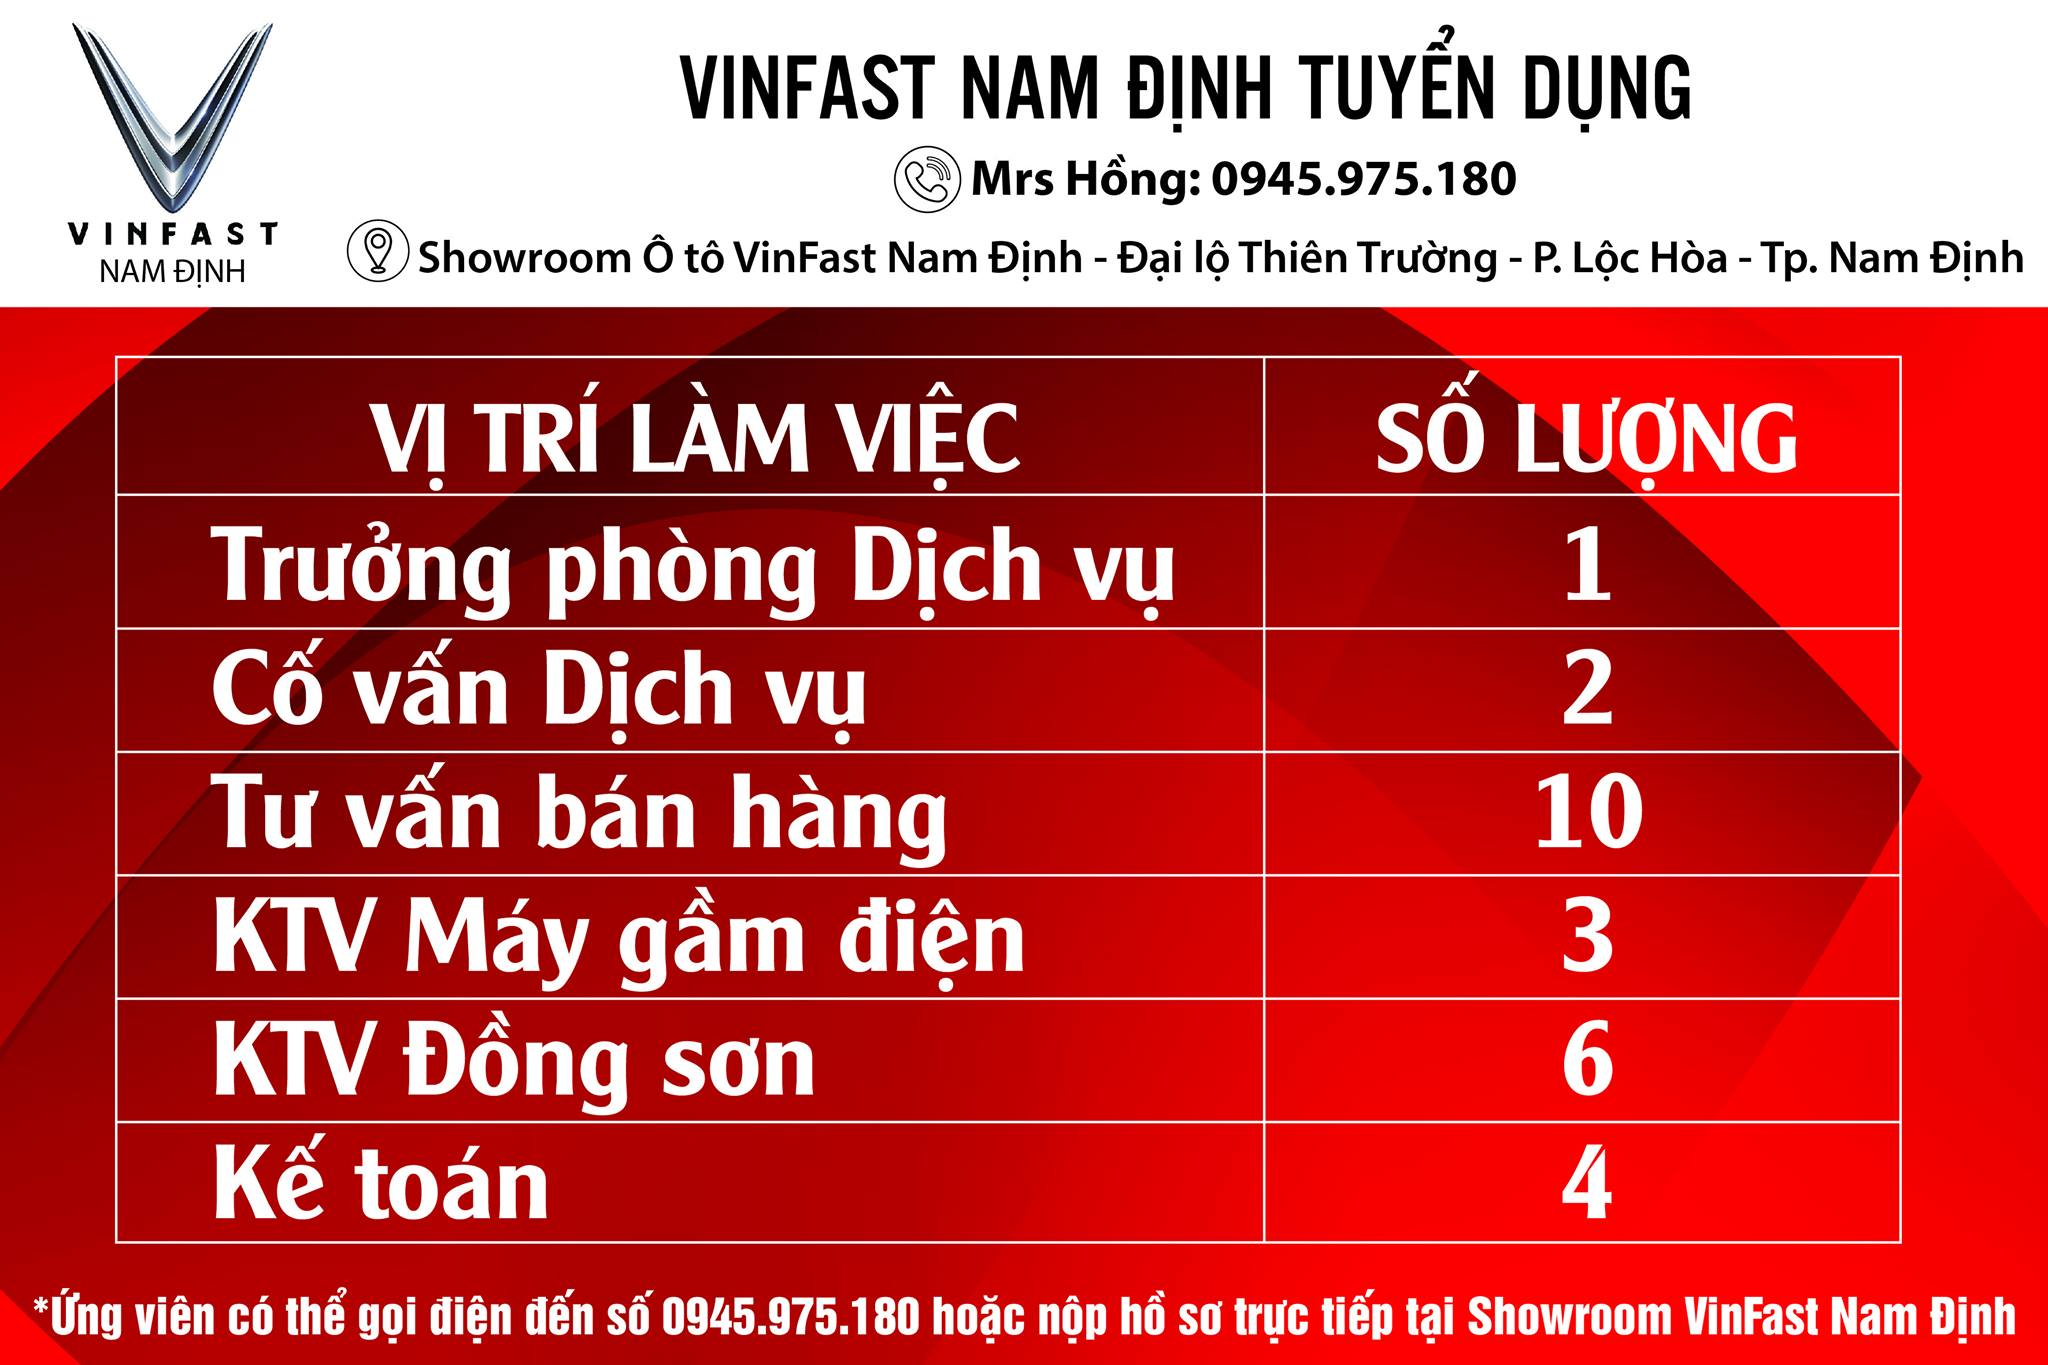 ‼️‼️ VinFast Ô tô Nam Định tuyển dụng nhiều vị trí tháng 1-2/2021, chấp nhận ứng viên đi làm sau Tết ‼️‼️